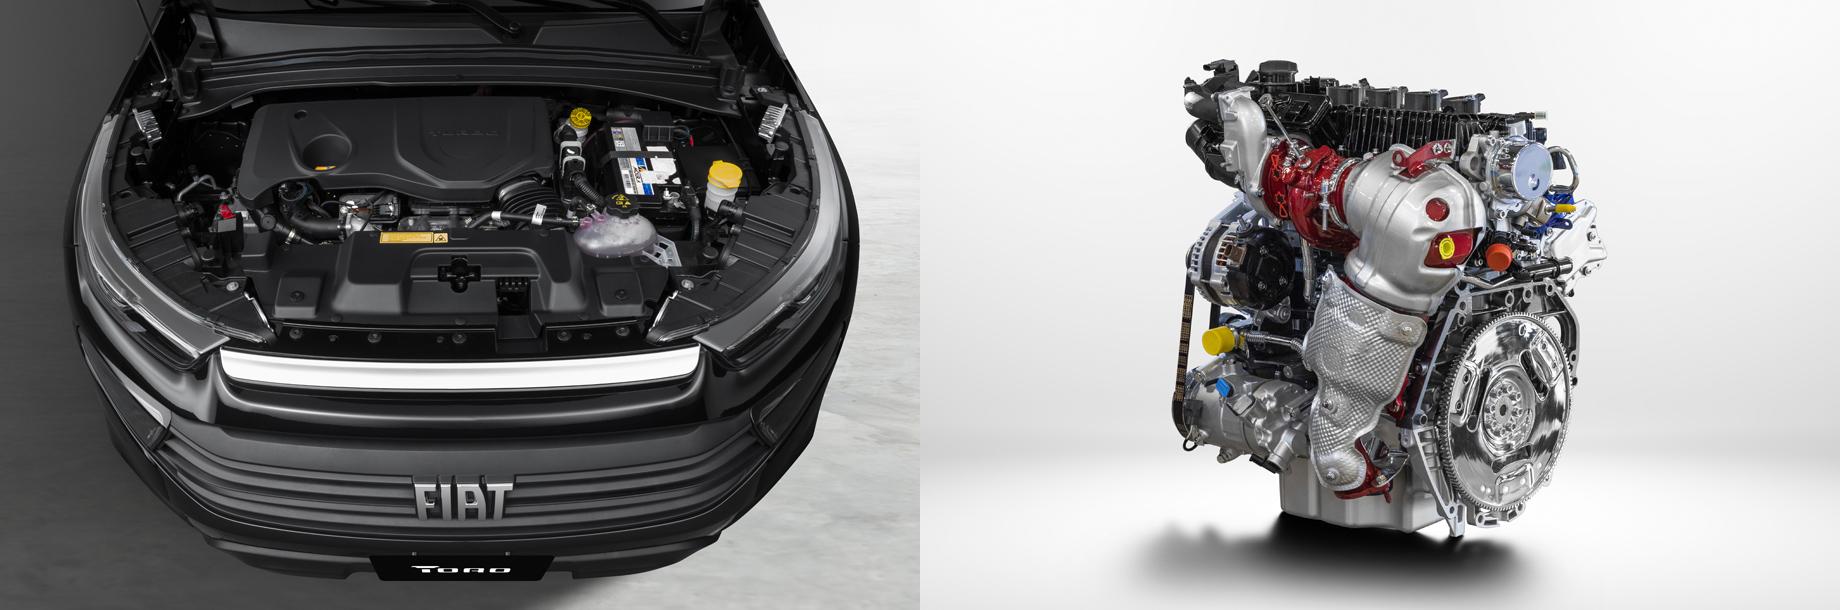 Пикап Fiat Toro разжился новым турбомотором